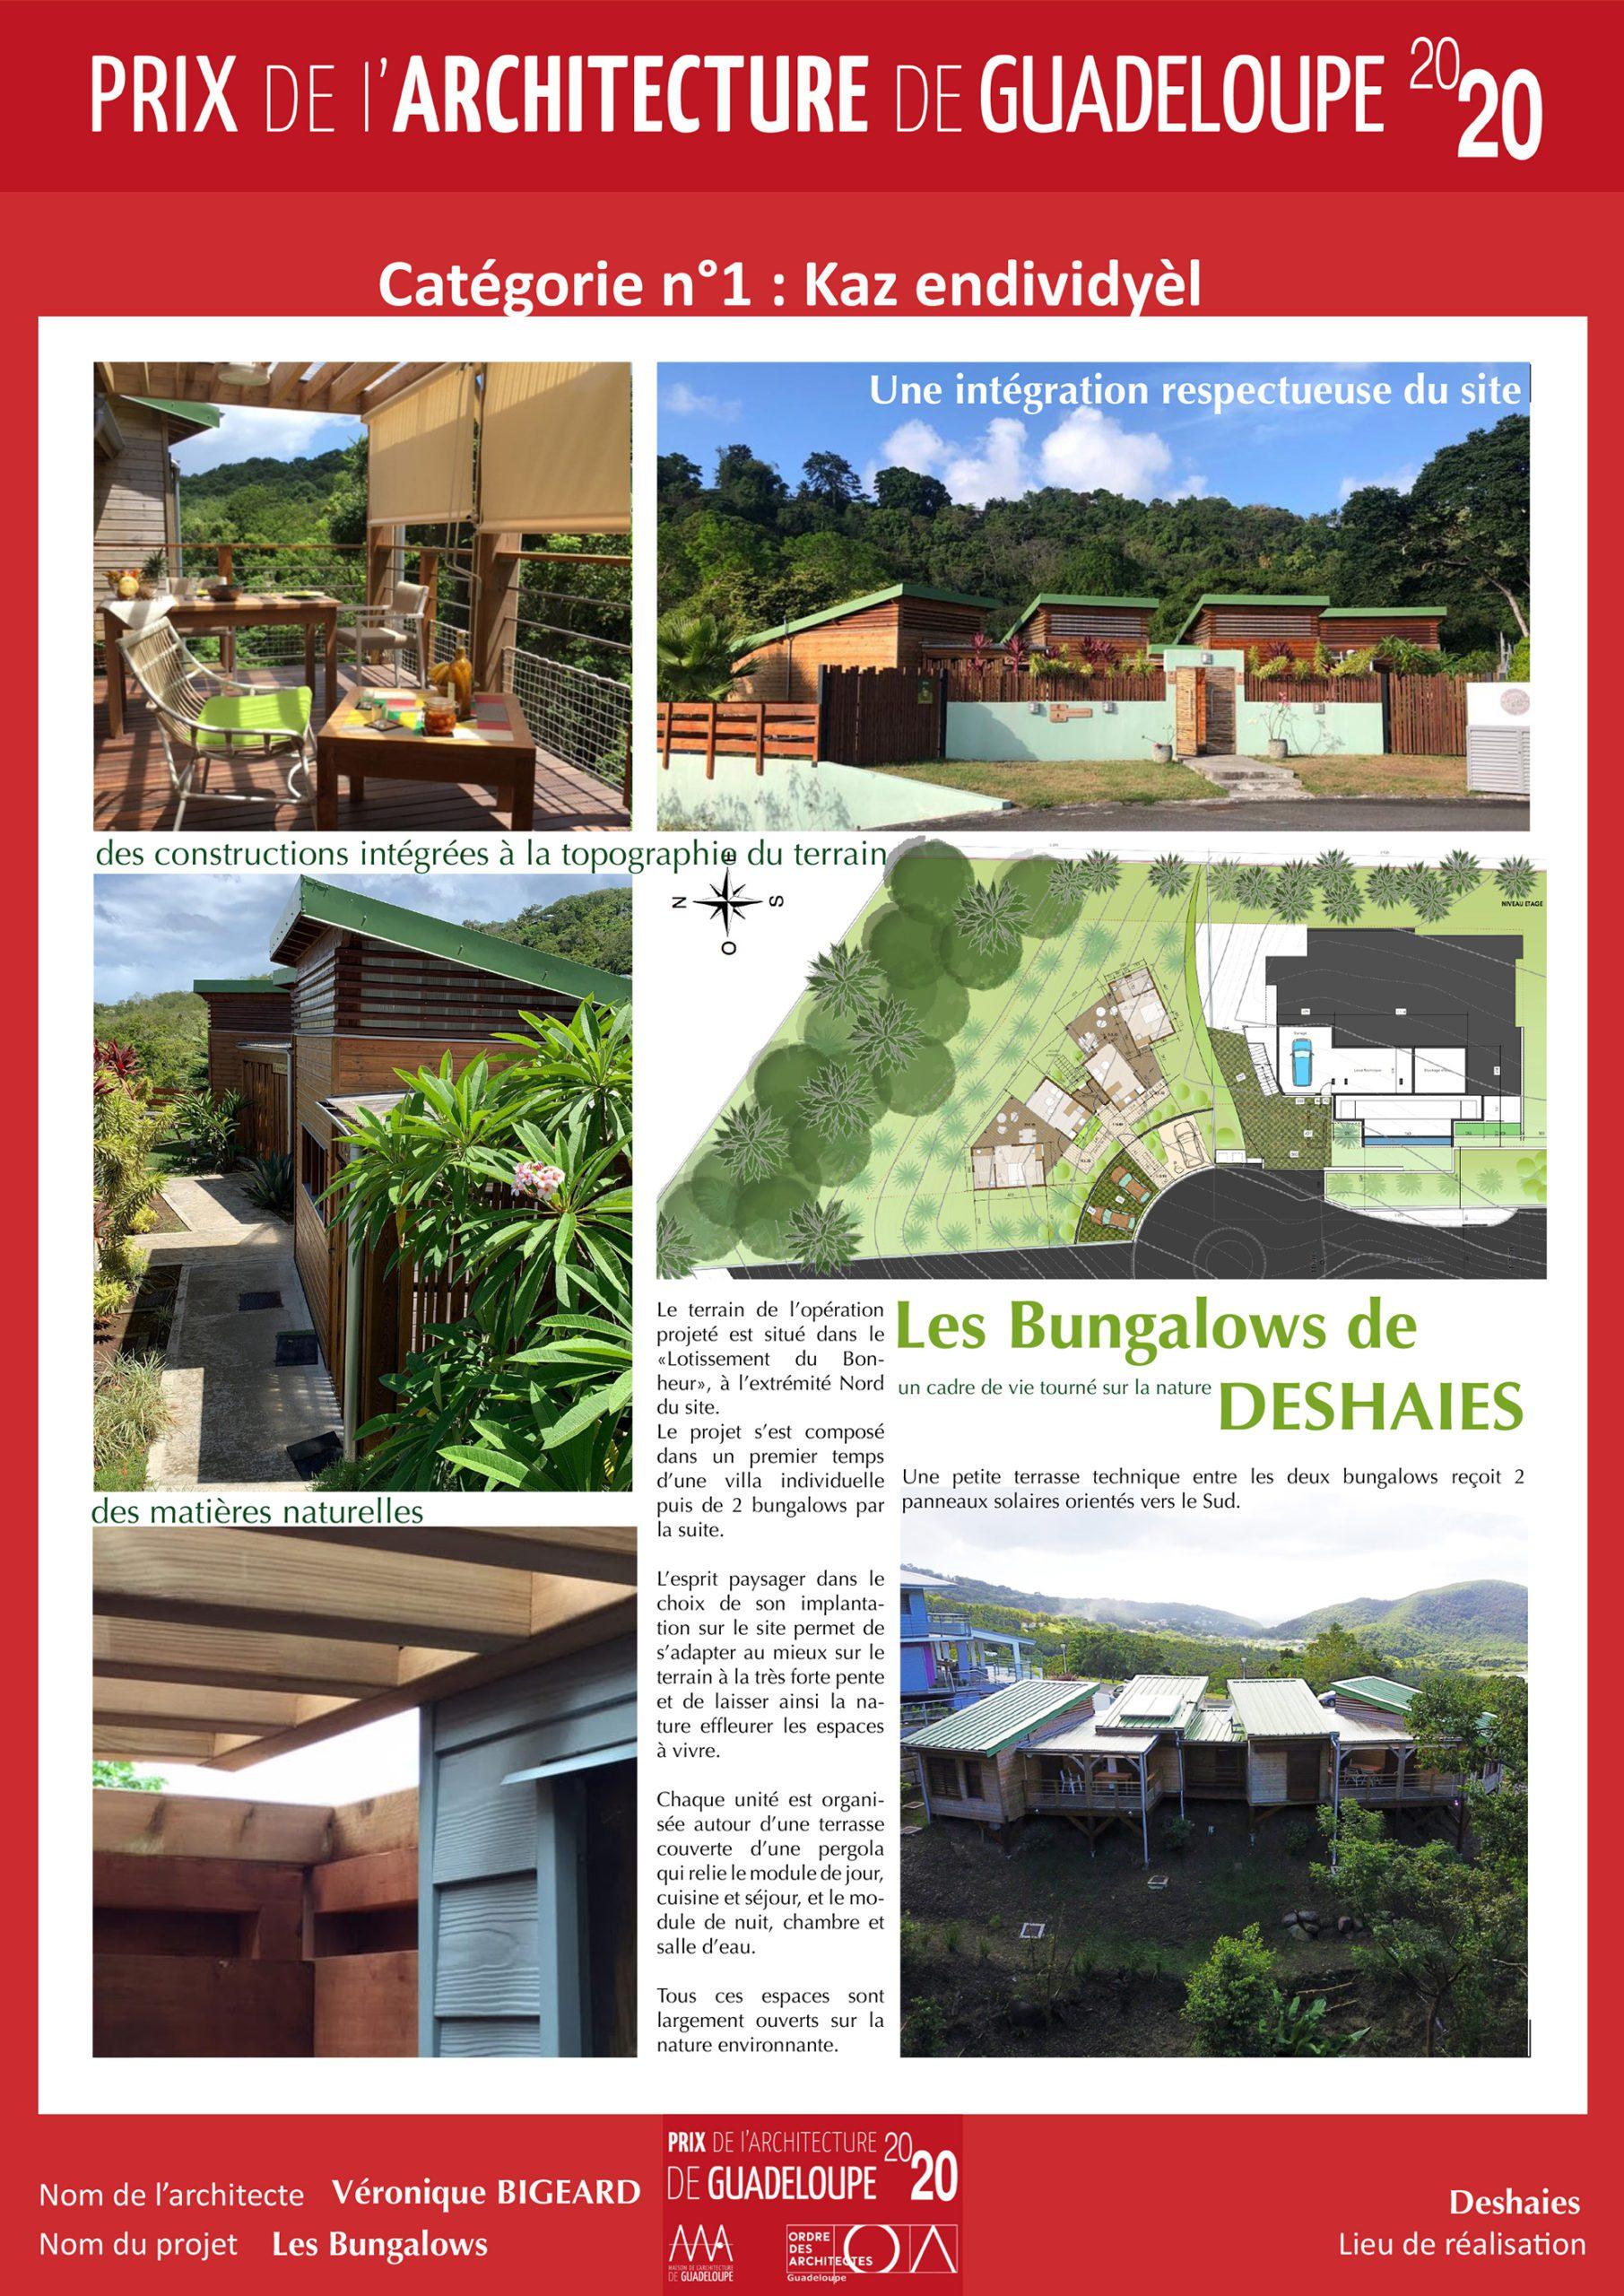 Les bungalows de Deshaies (Véronique Bigeard)